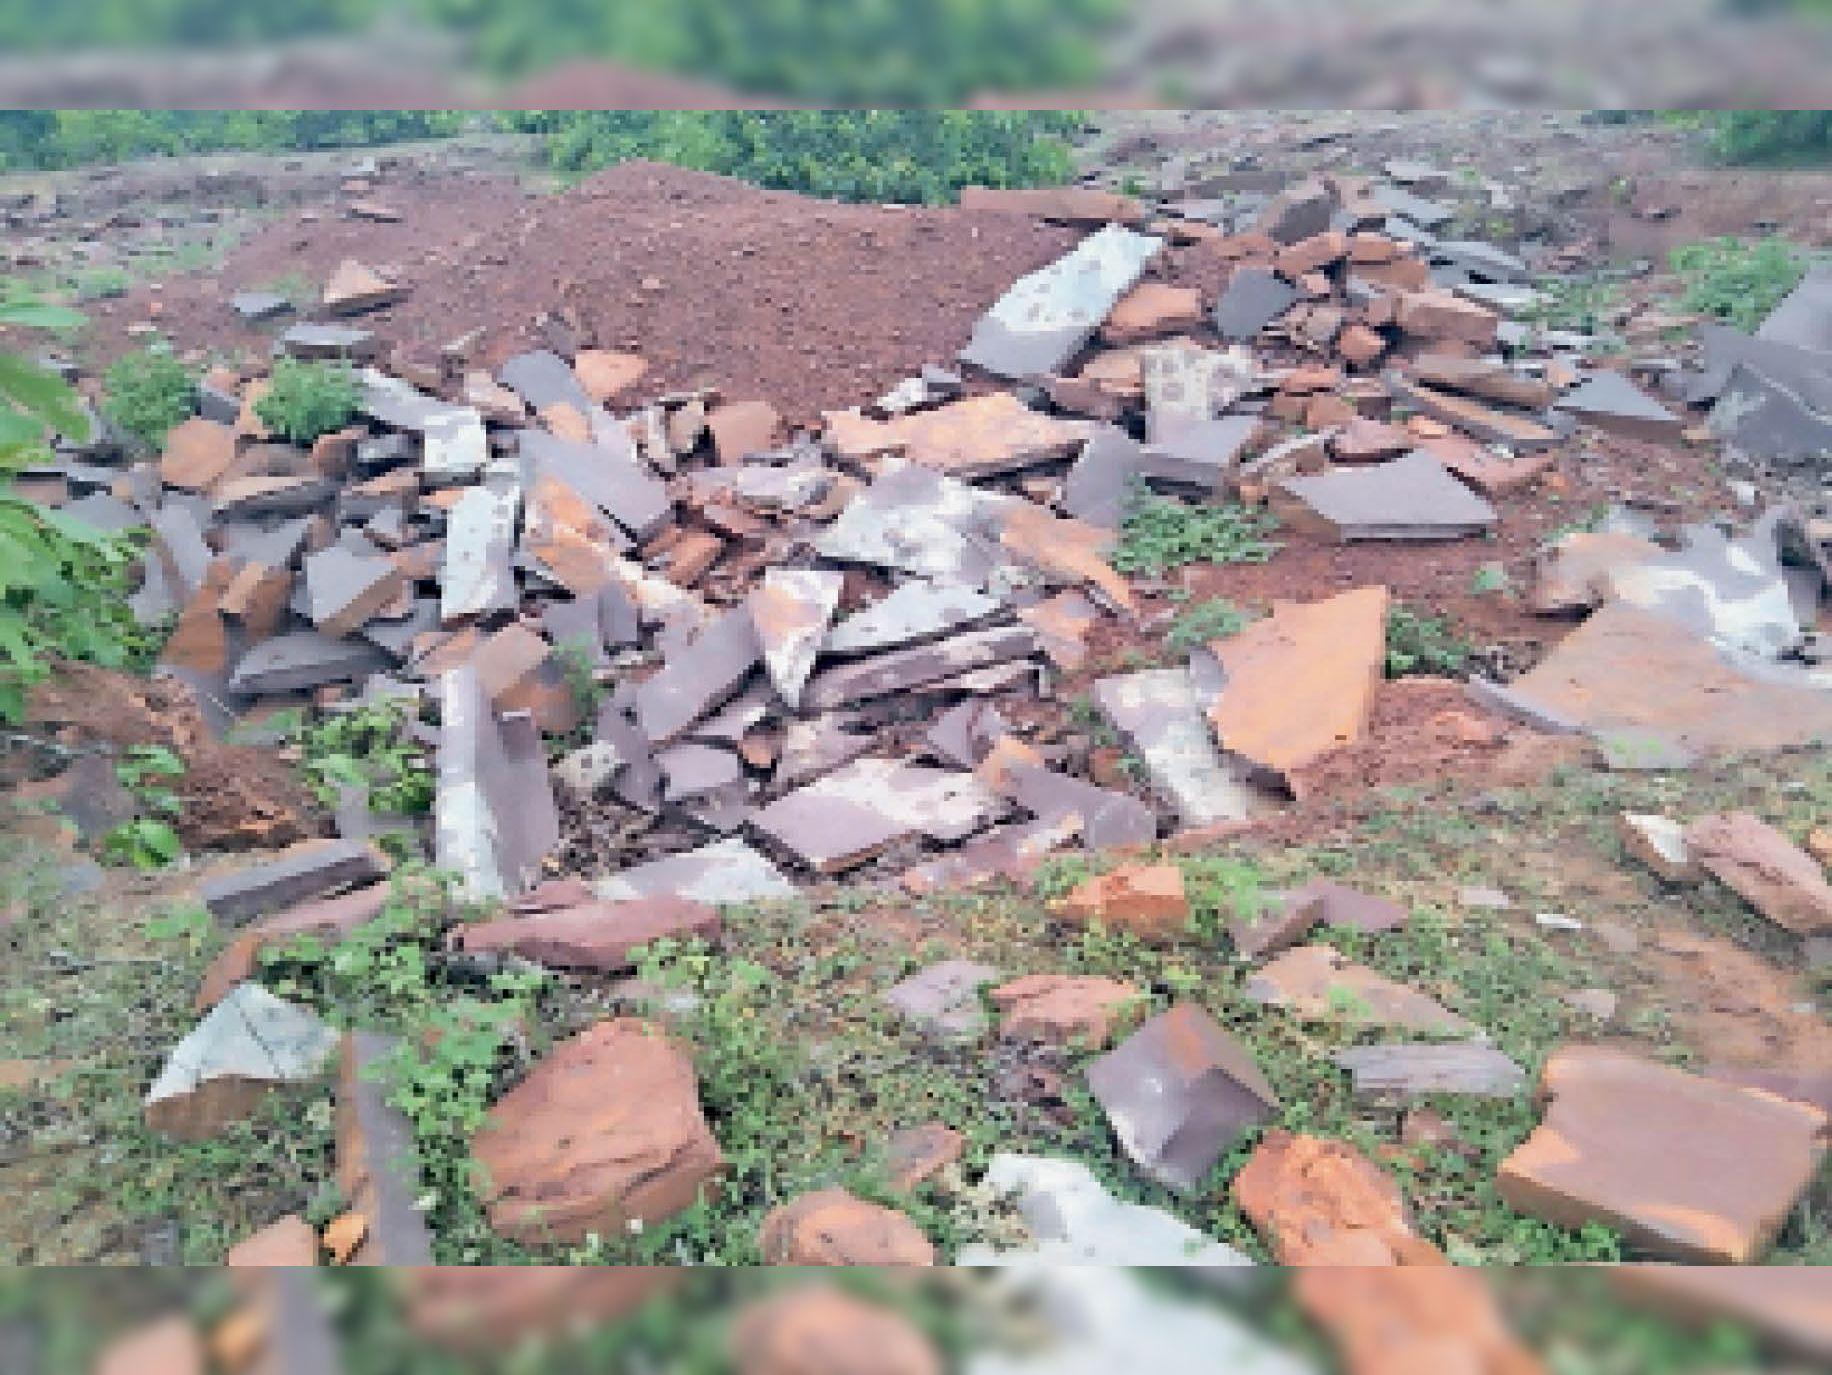 पटेरा  अवैध खनन कर जंगल के पत्थरों को निकाला जा रहा है। - Dainik Bhaskar